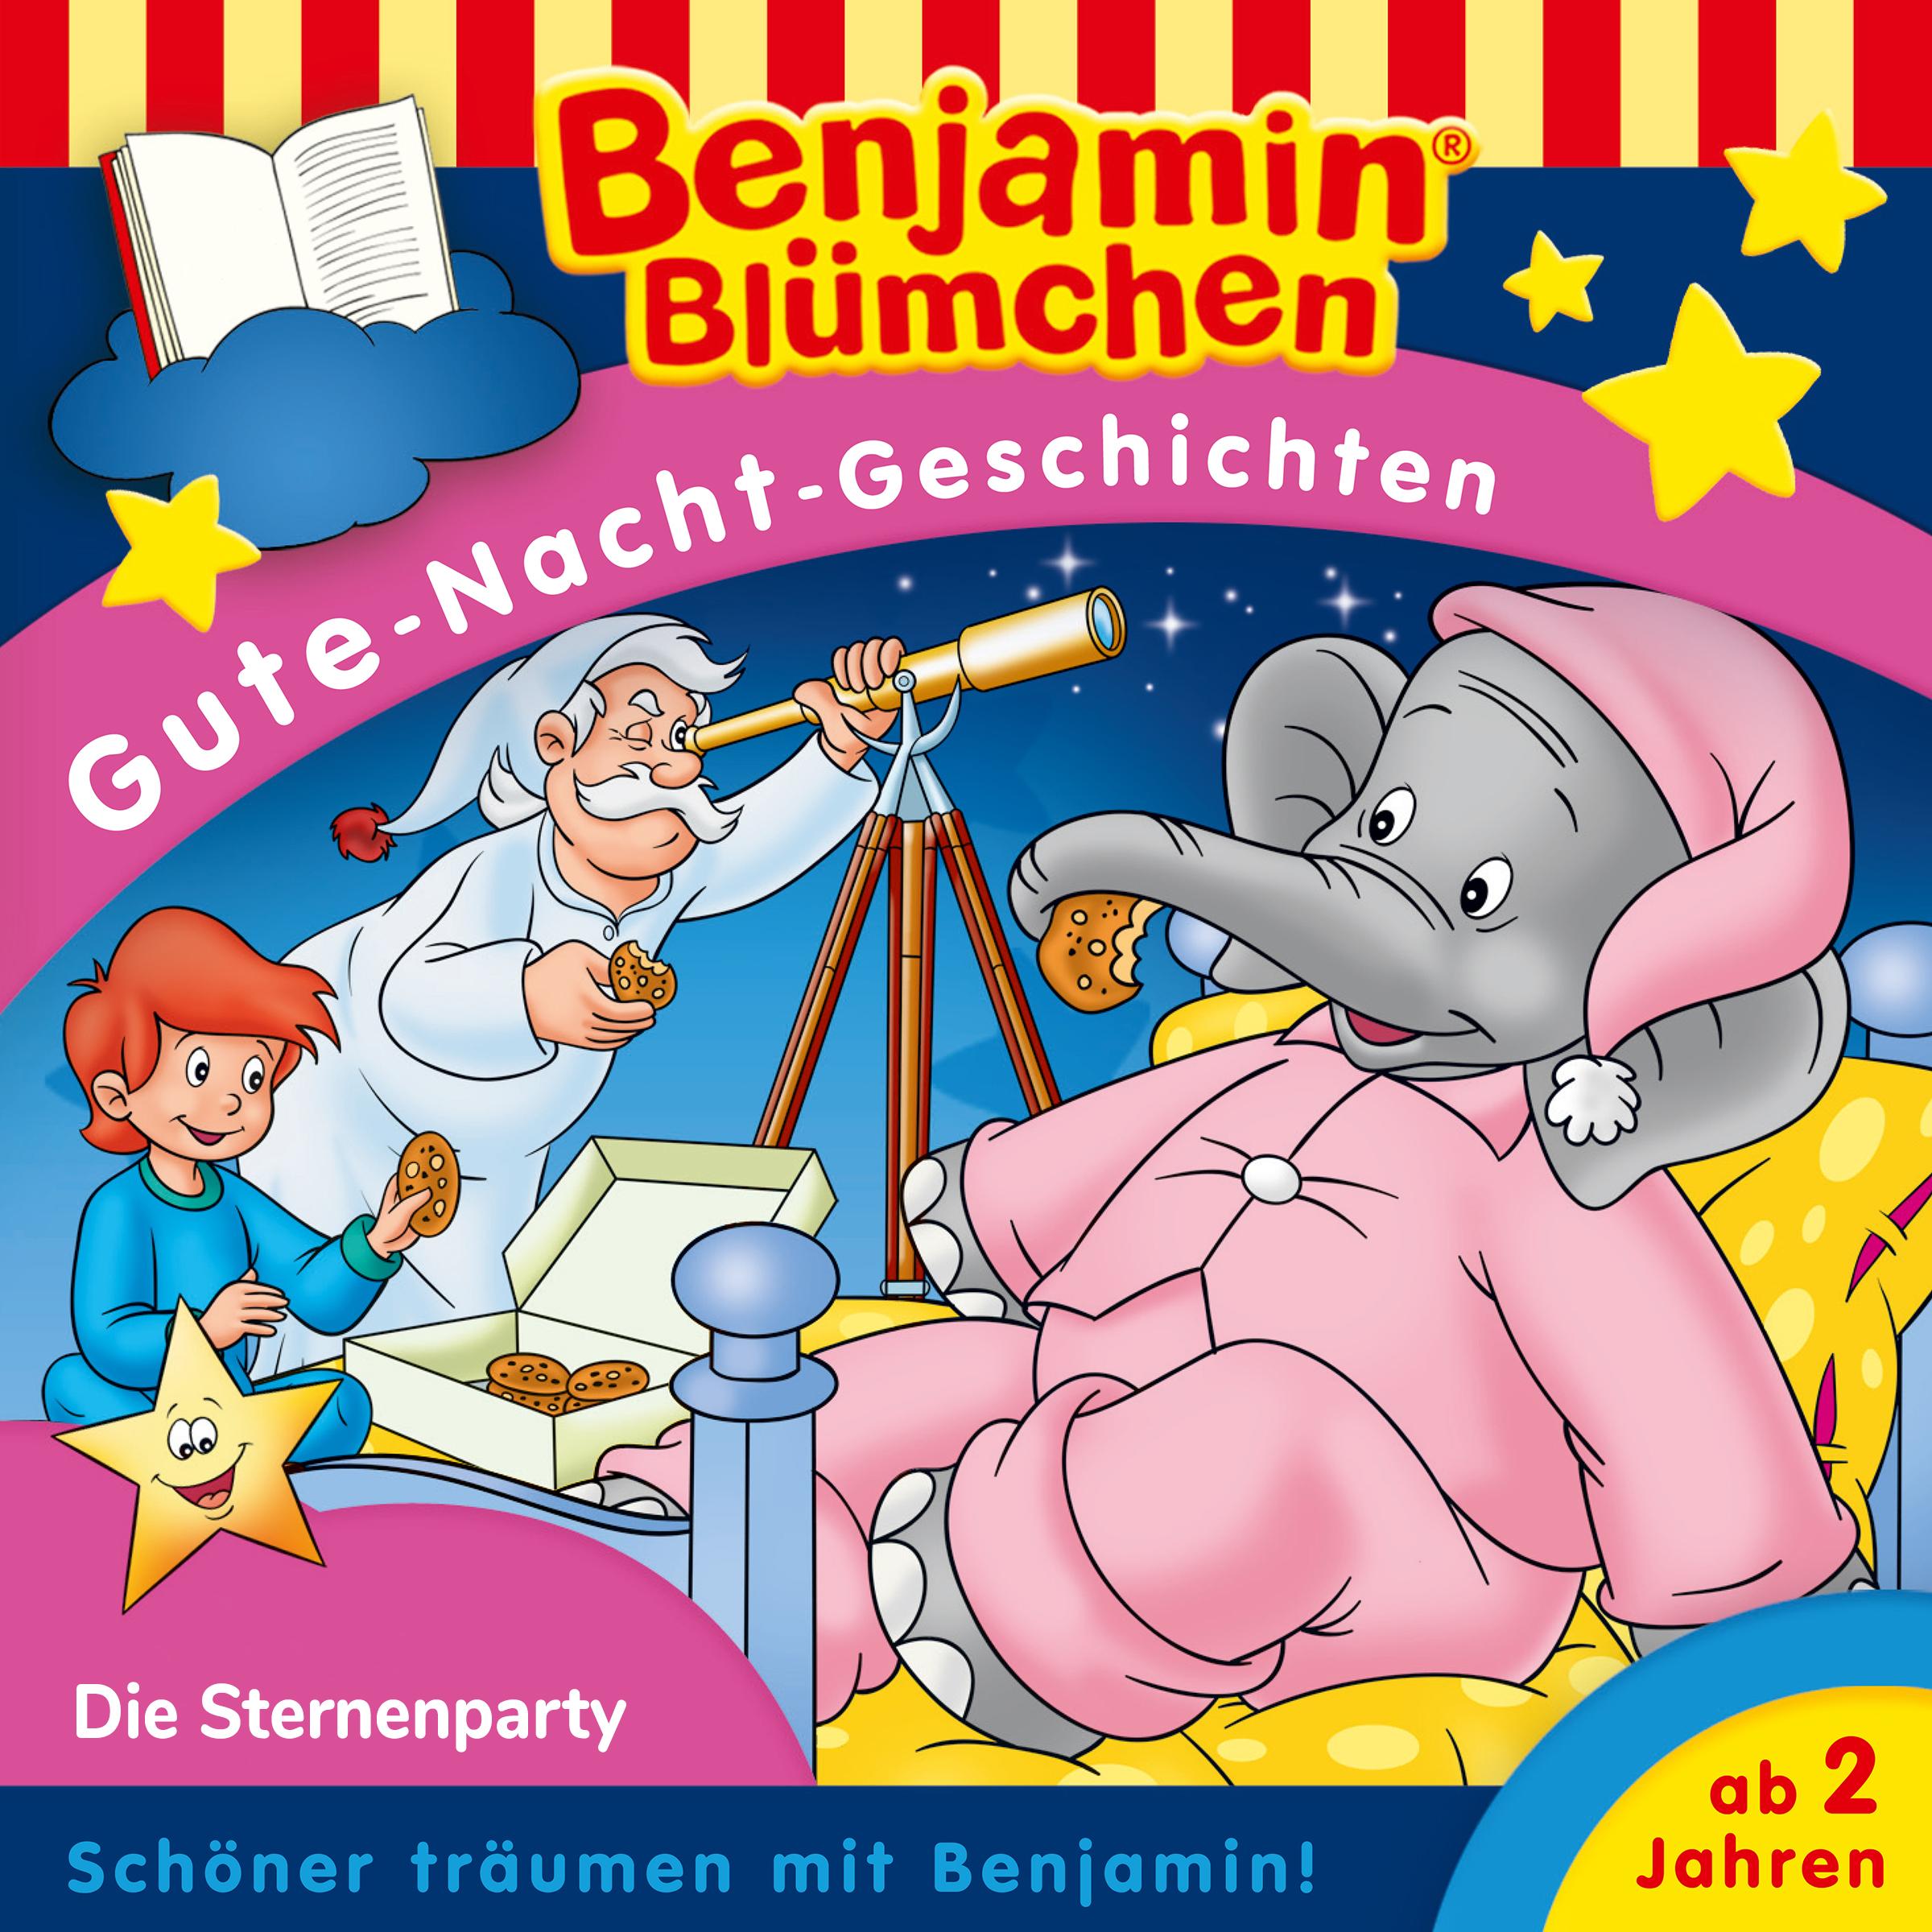 Benjamin Blümchen: Die Sternenparty (Gute-Nacht-Geschichte)